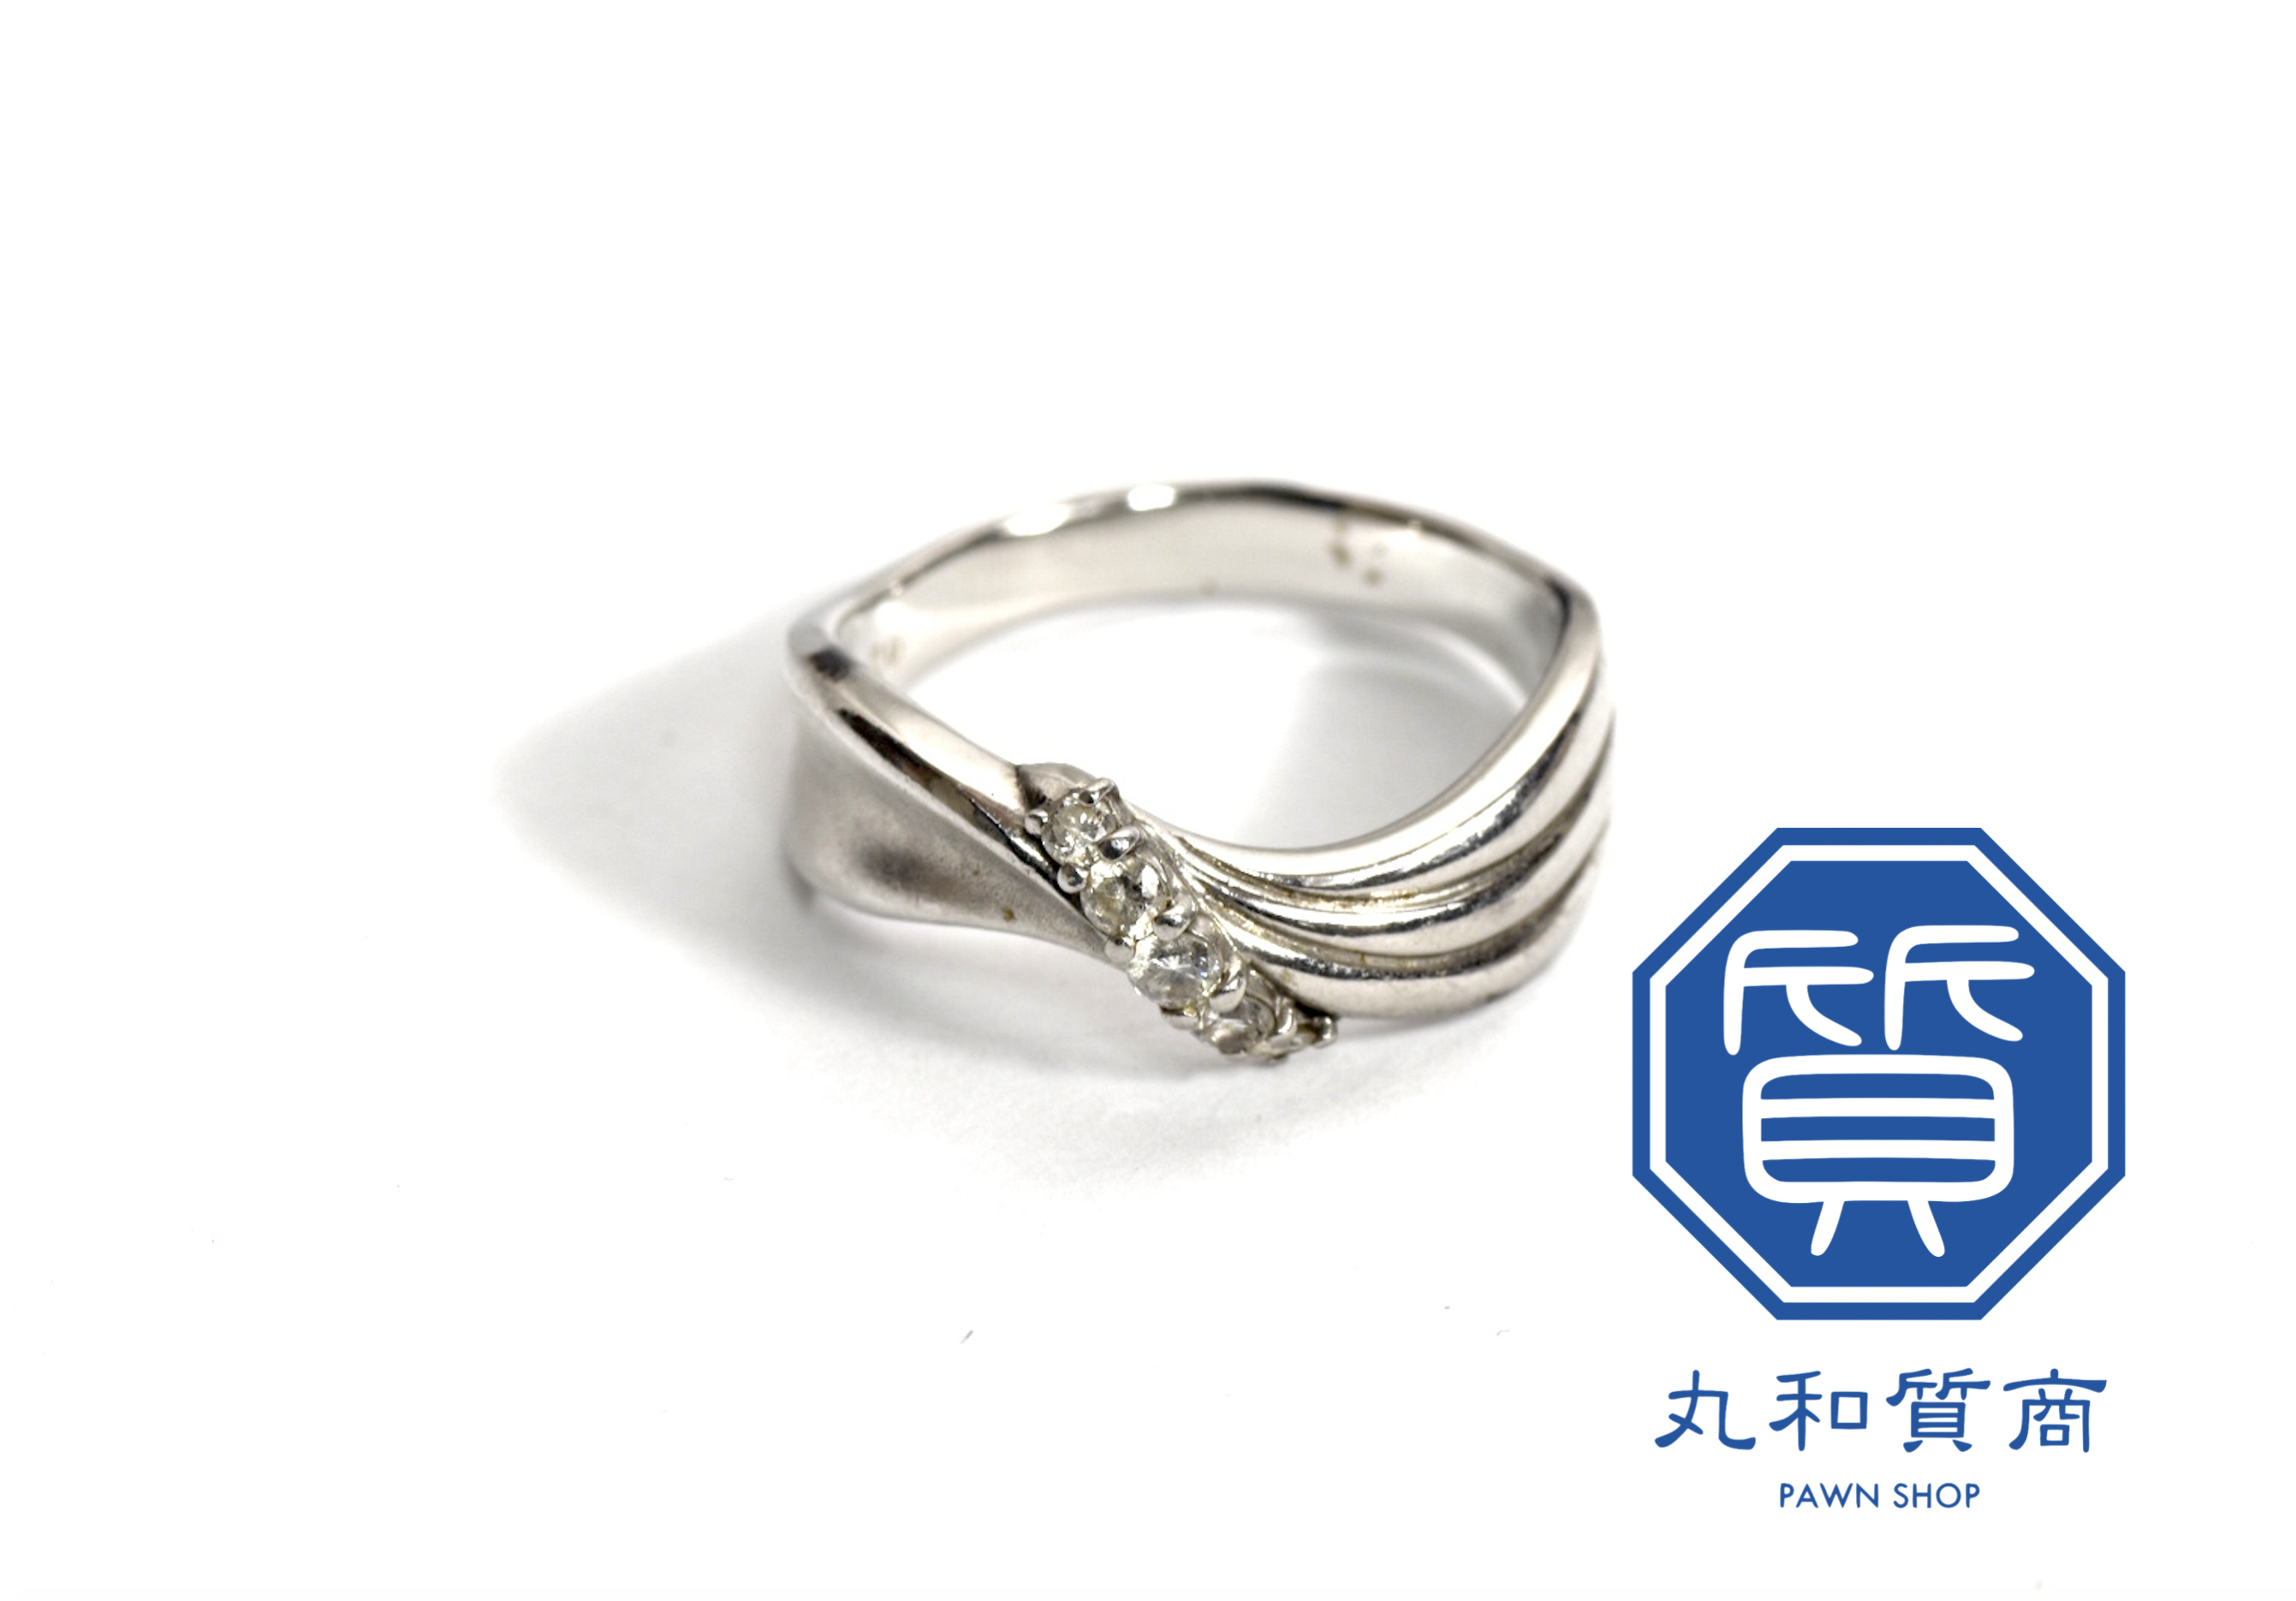 プラチナ ダイヤつき指輪をお買取!買取価格の相場は?